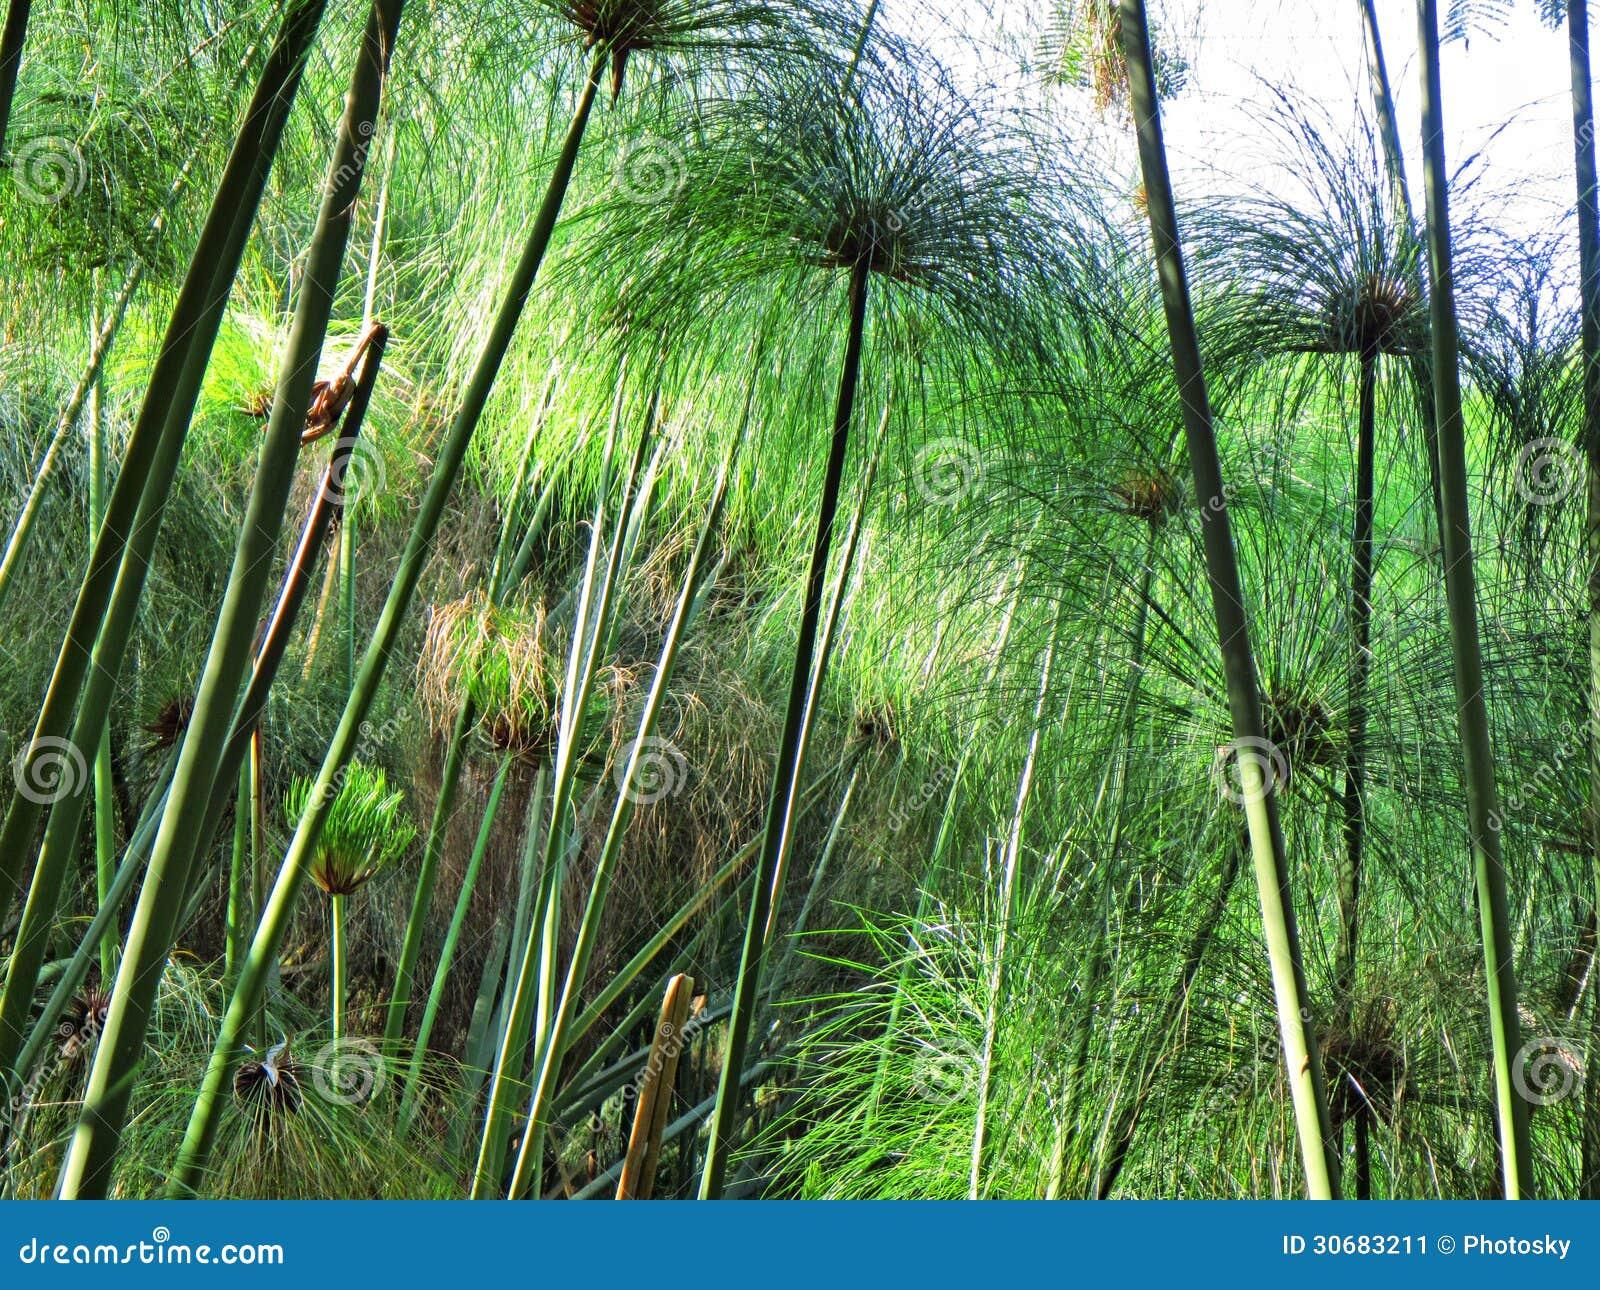 plantas jardim de sol : plantas jardim de sol:Jardim Junco-como Plantas Na Luz Do Por Do Sol Imagem de Stock